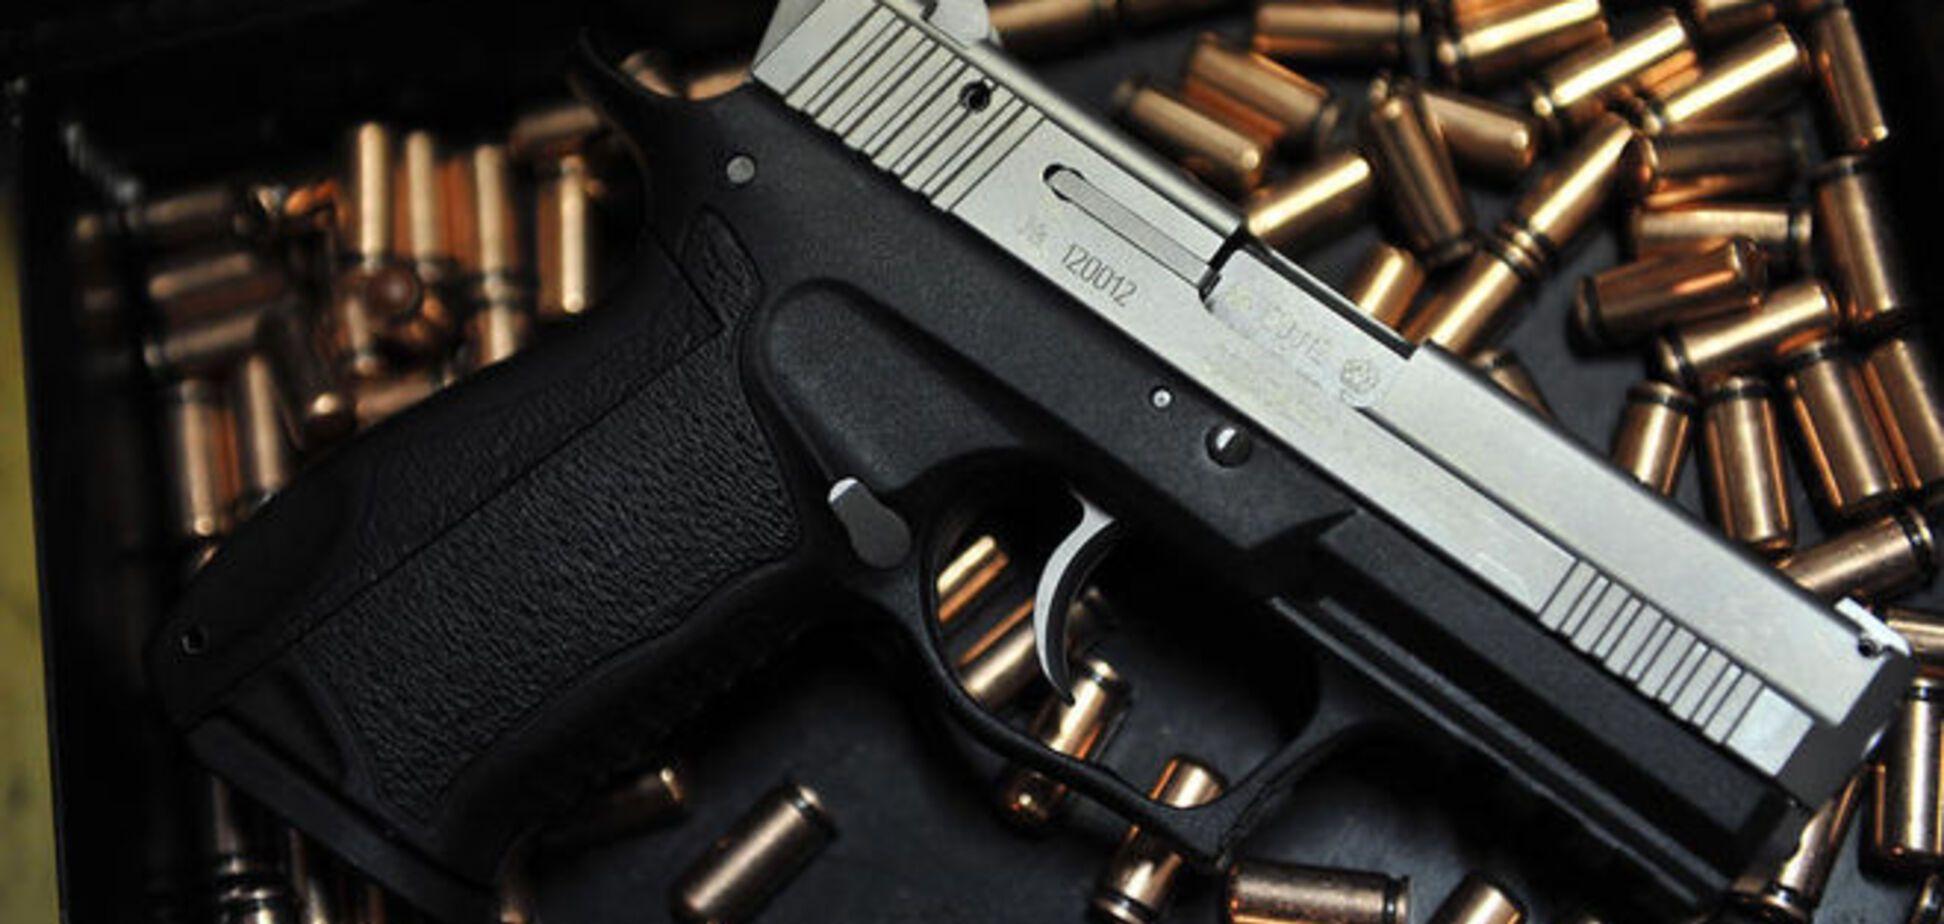 Какое оружие могут разрешить украинцам: обзор законопроекта